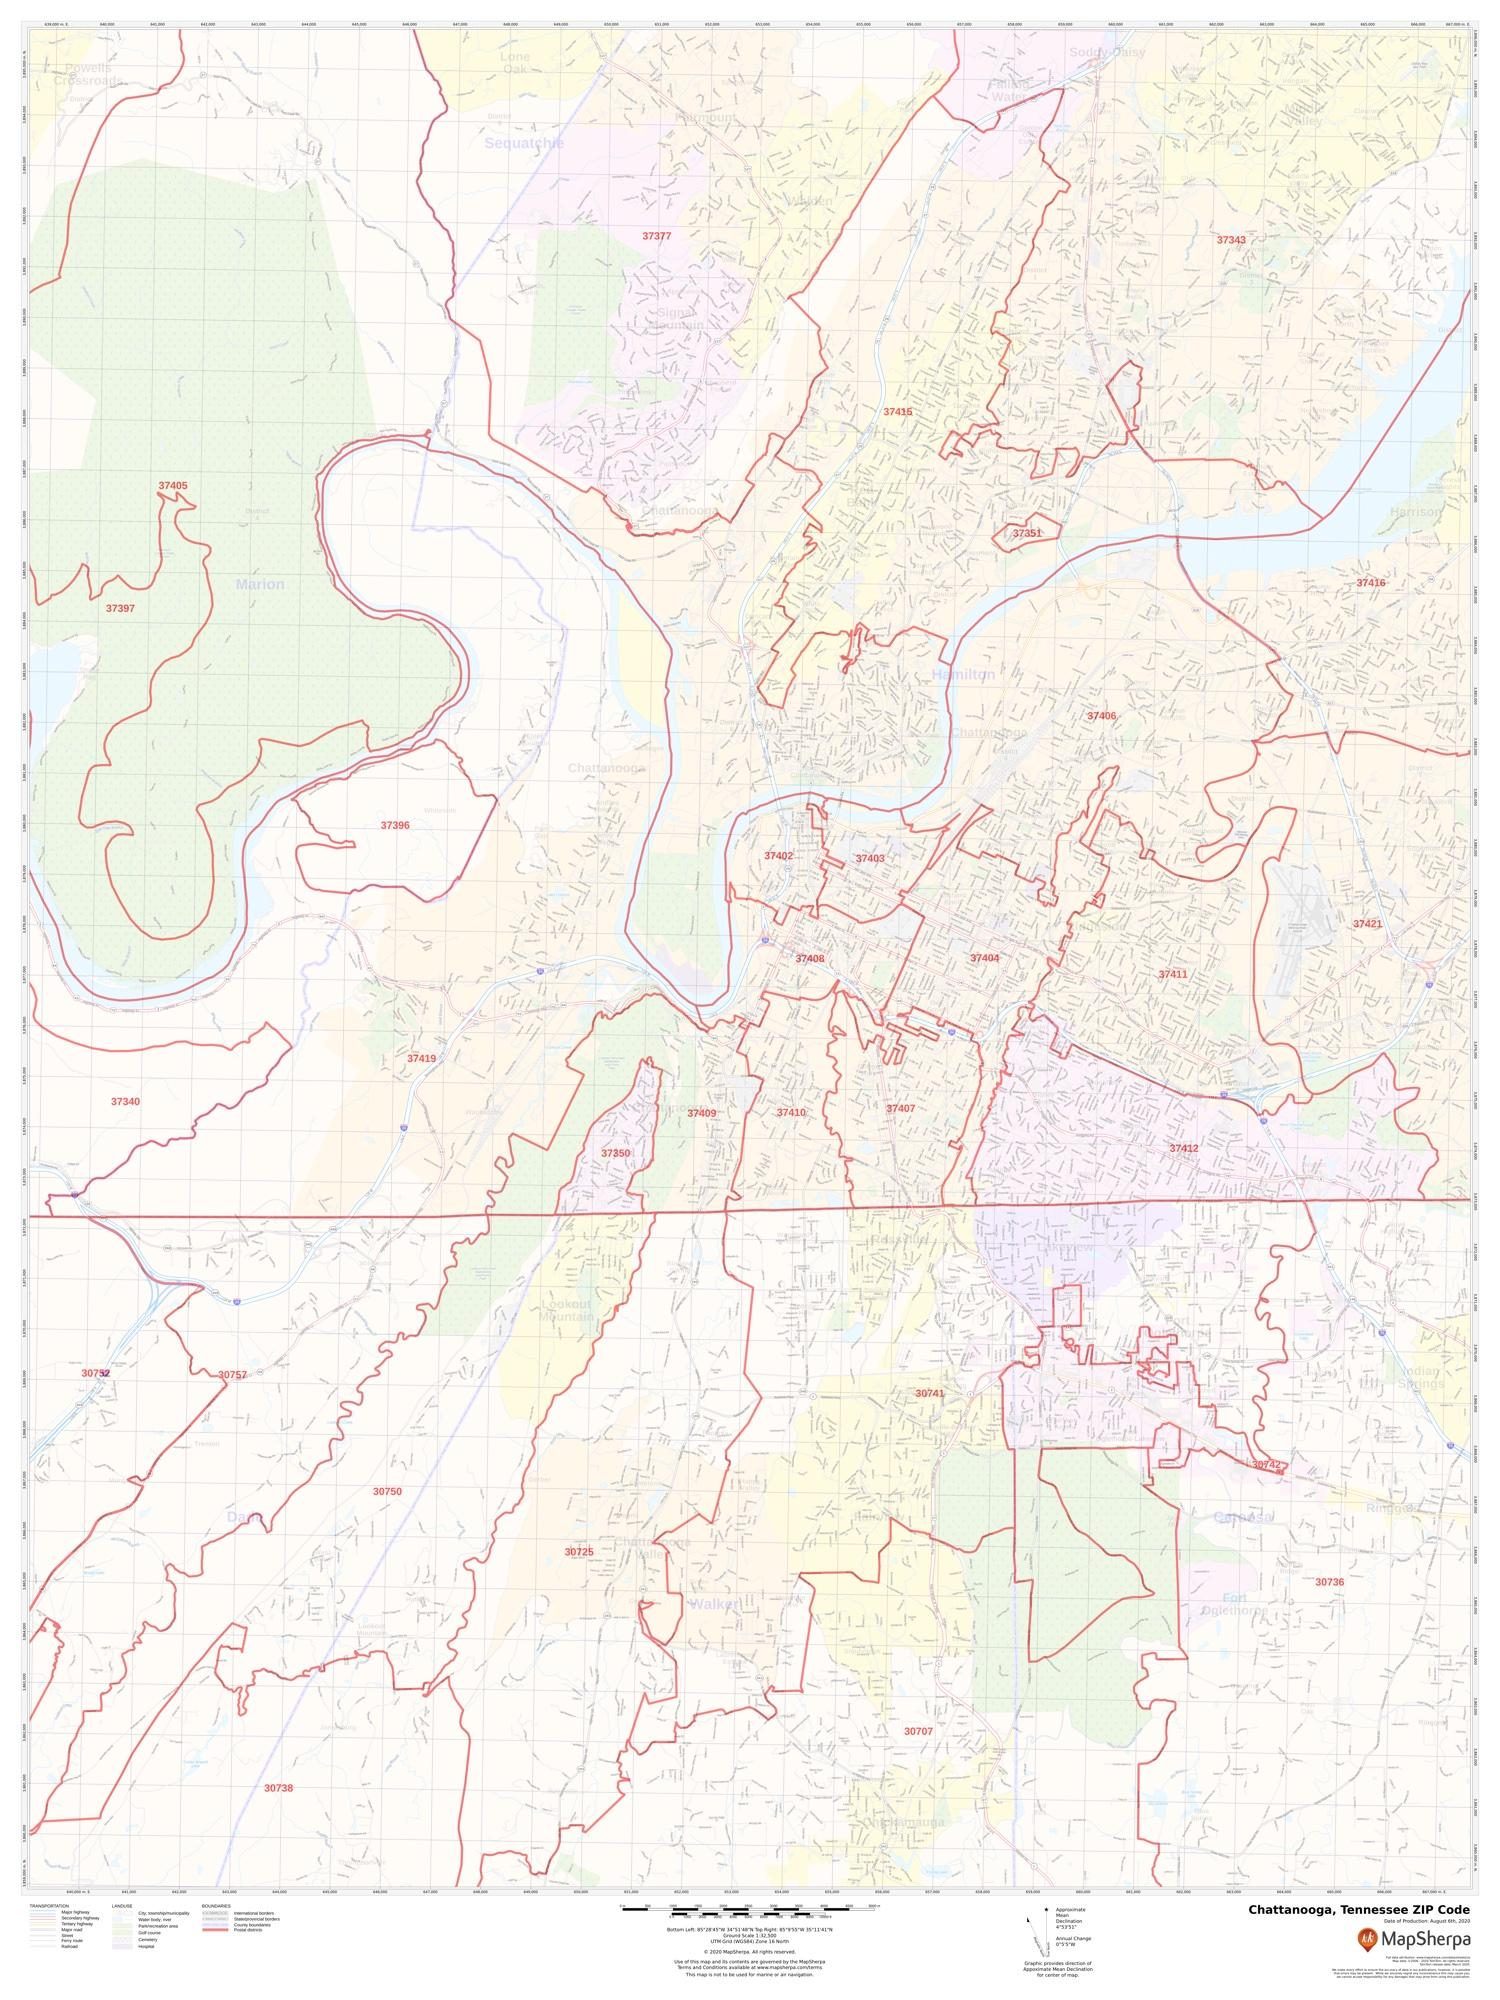 Chattanooga Zip Code Map Chattanooga TN Zip Code Map